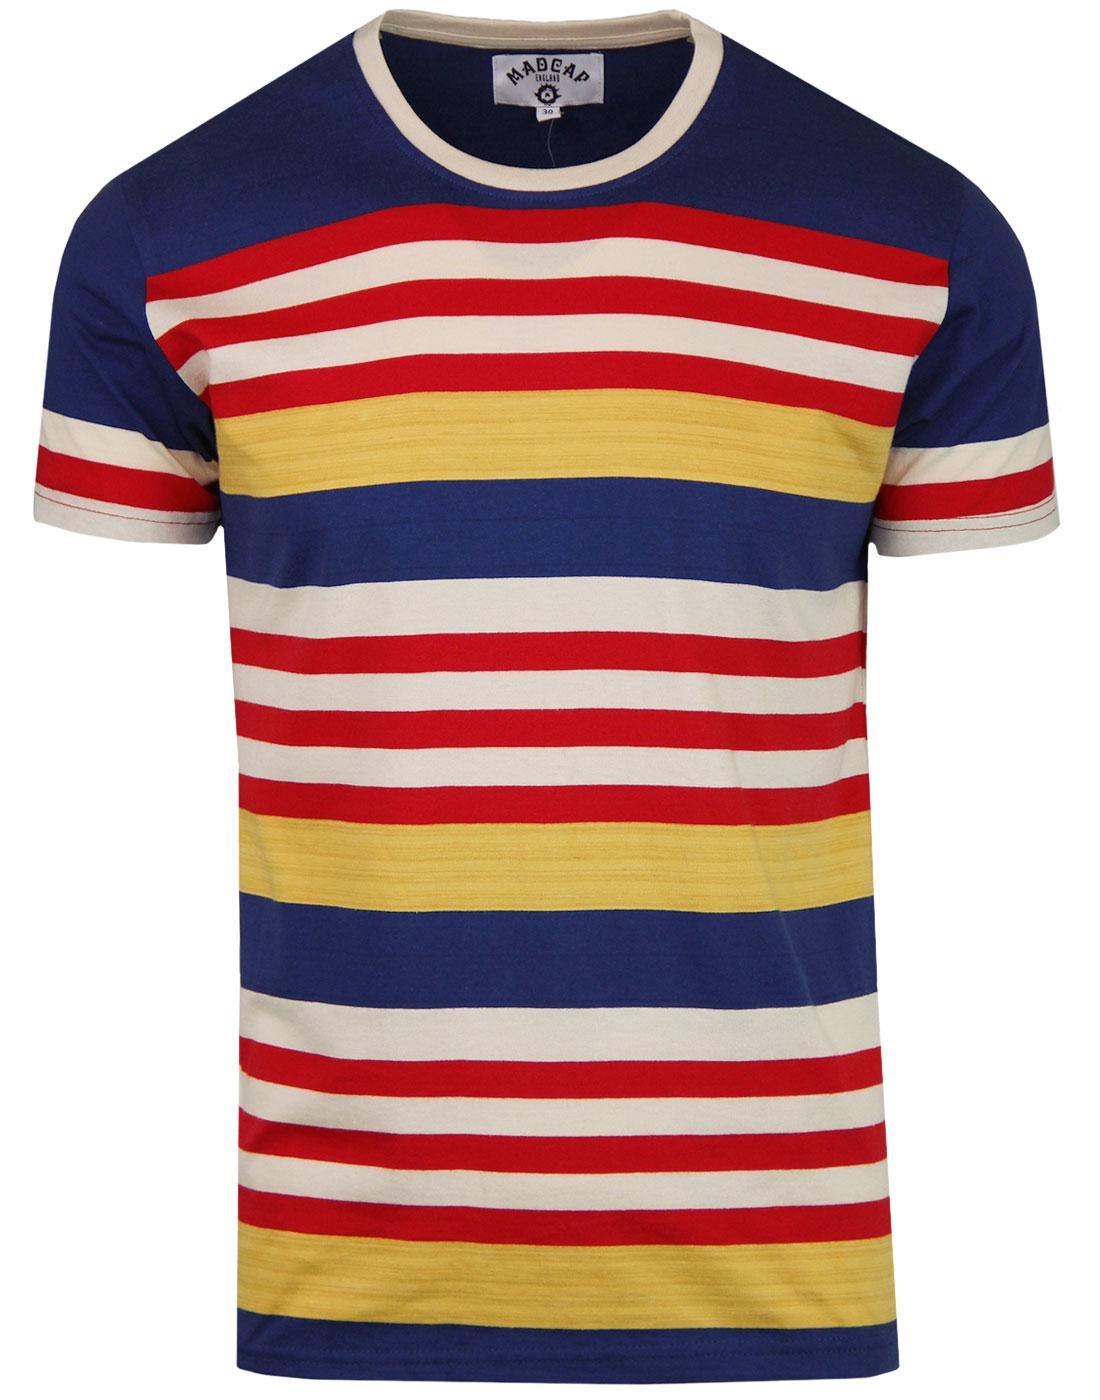 Cosmo MADCAP ENGLAND Retro 1970s Stripe T-shirt